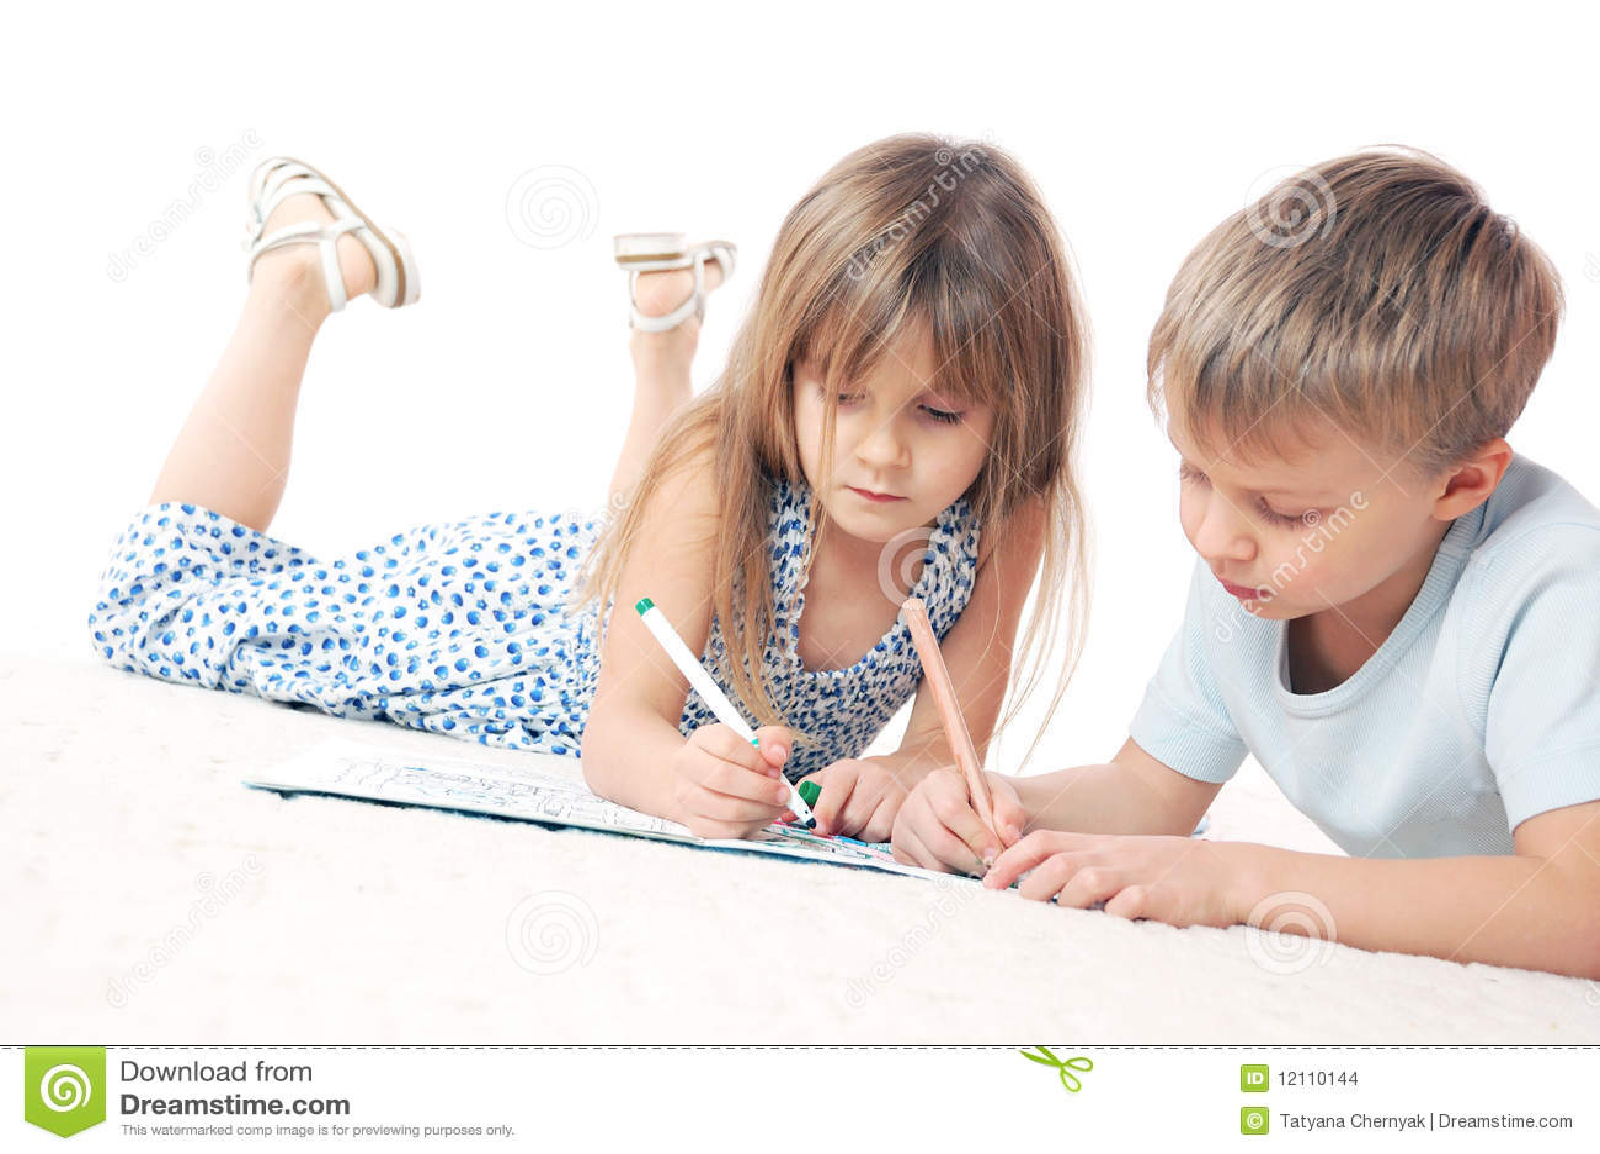 Drenaje de los niños